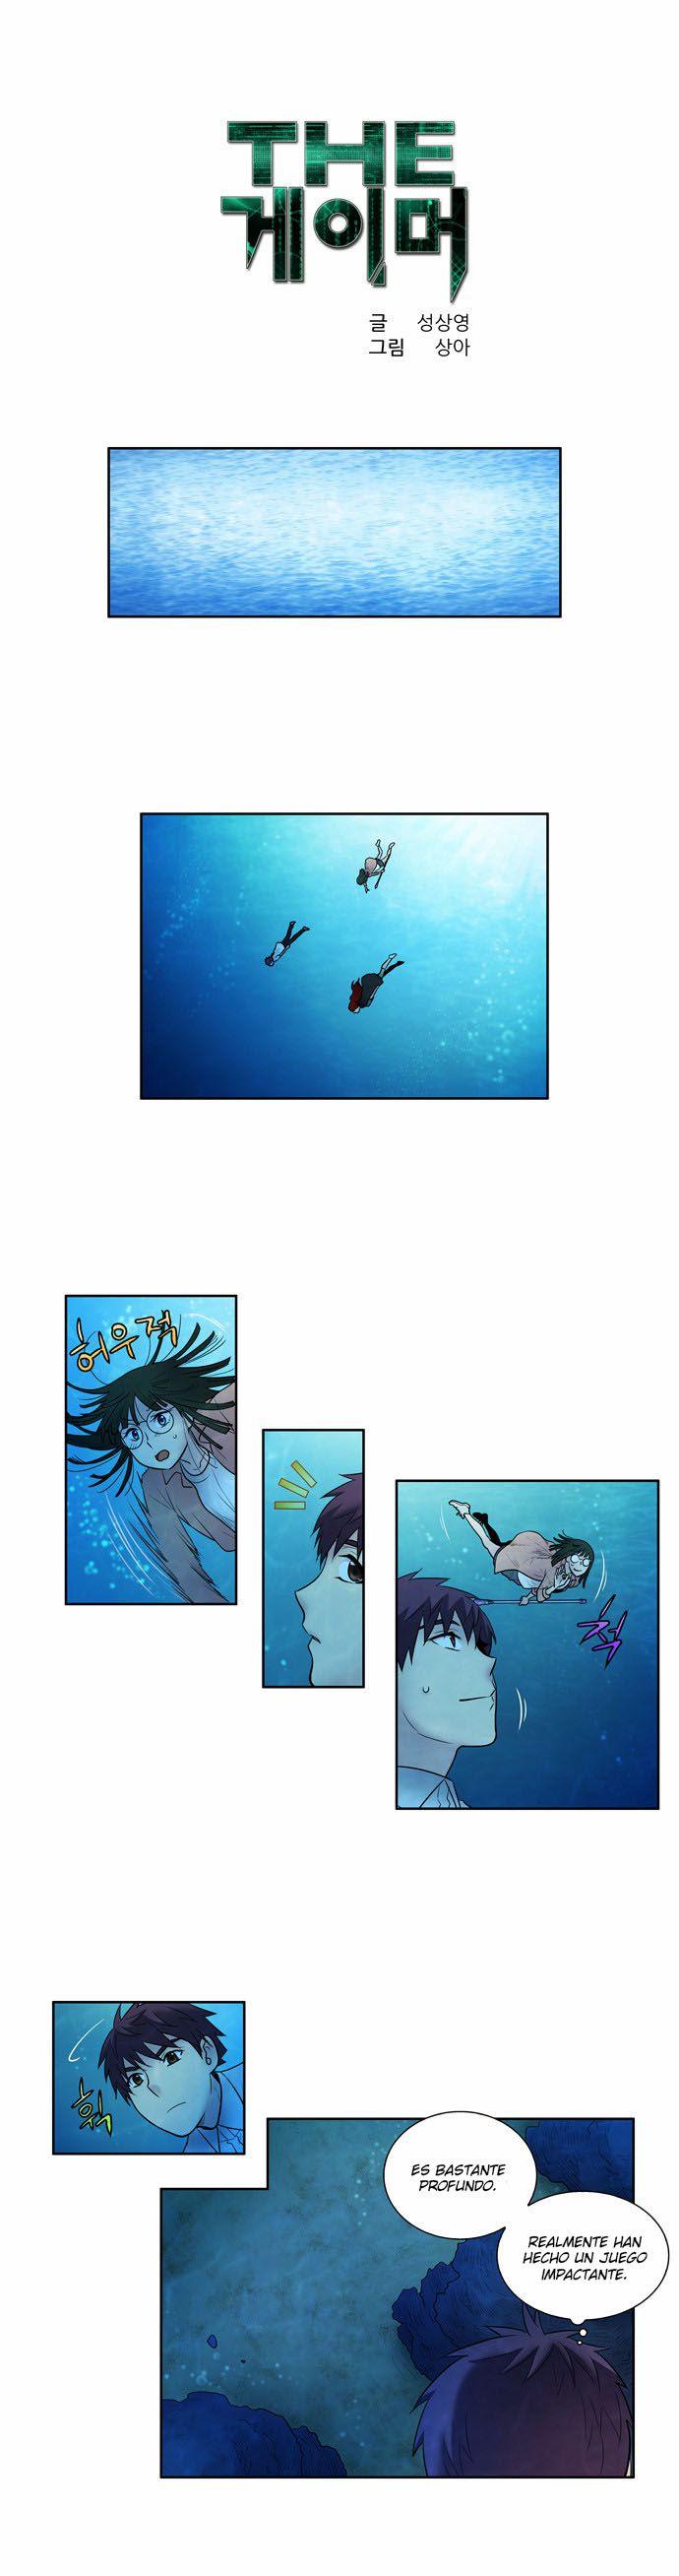 https://c5.ninemanga.com/es_manga/pic2/61/1725/501809/f900c61208841a8347dd4ddbea47b173.jpg Page 2